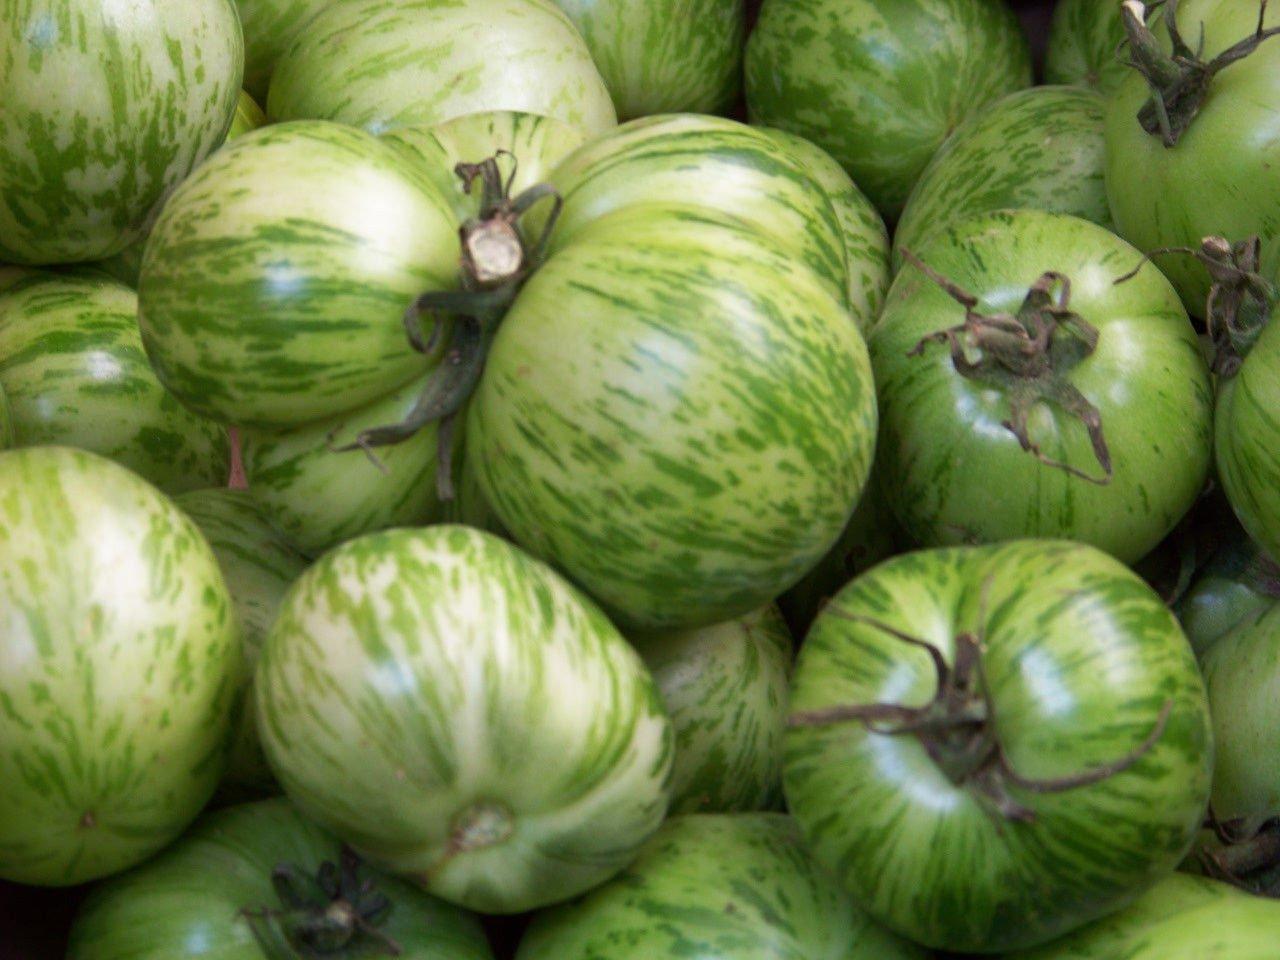 AGROBITS Tomate, verde cebra, de la herencia 50 semillas ...